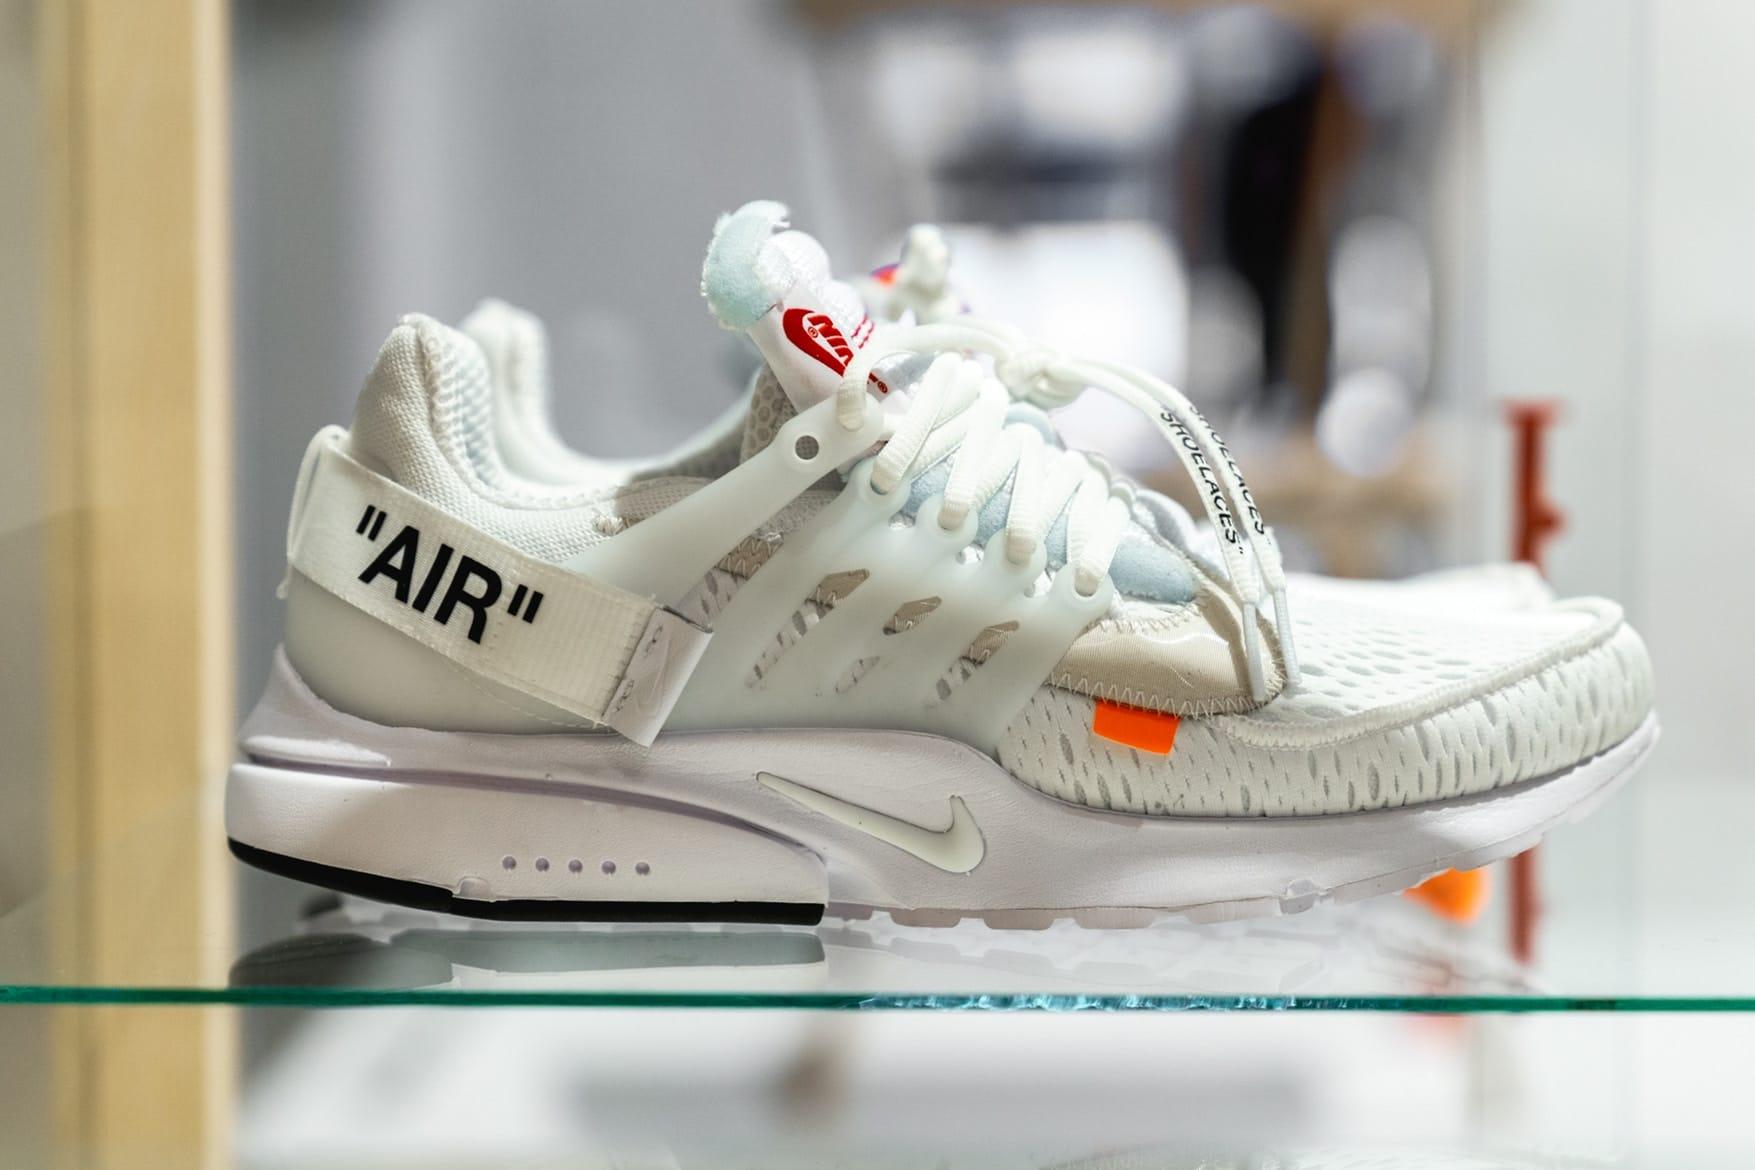 x Nike Air Presto Gets A Release Date